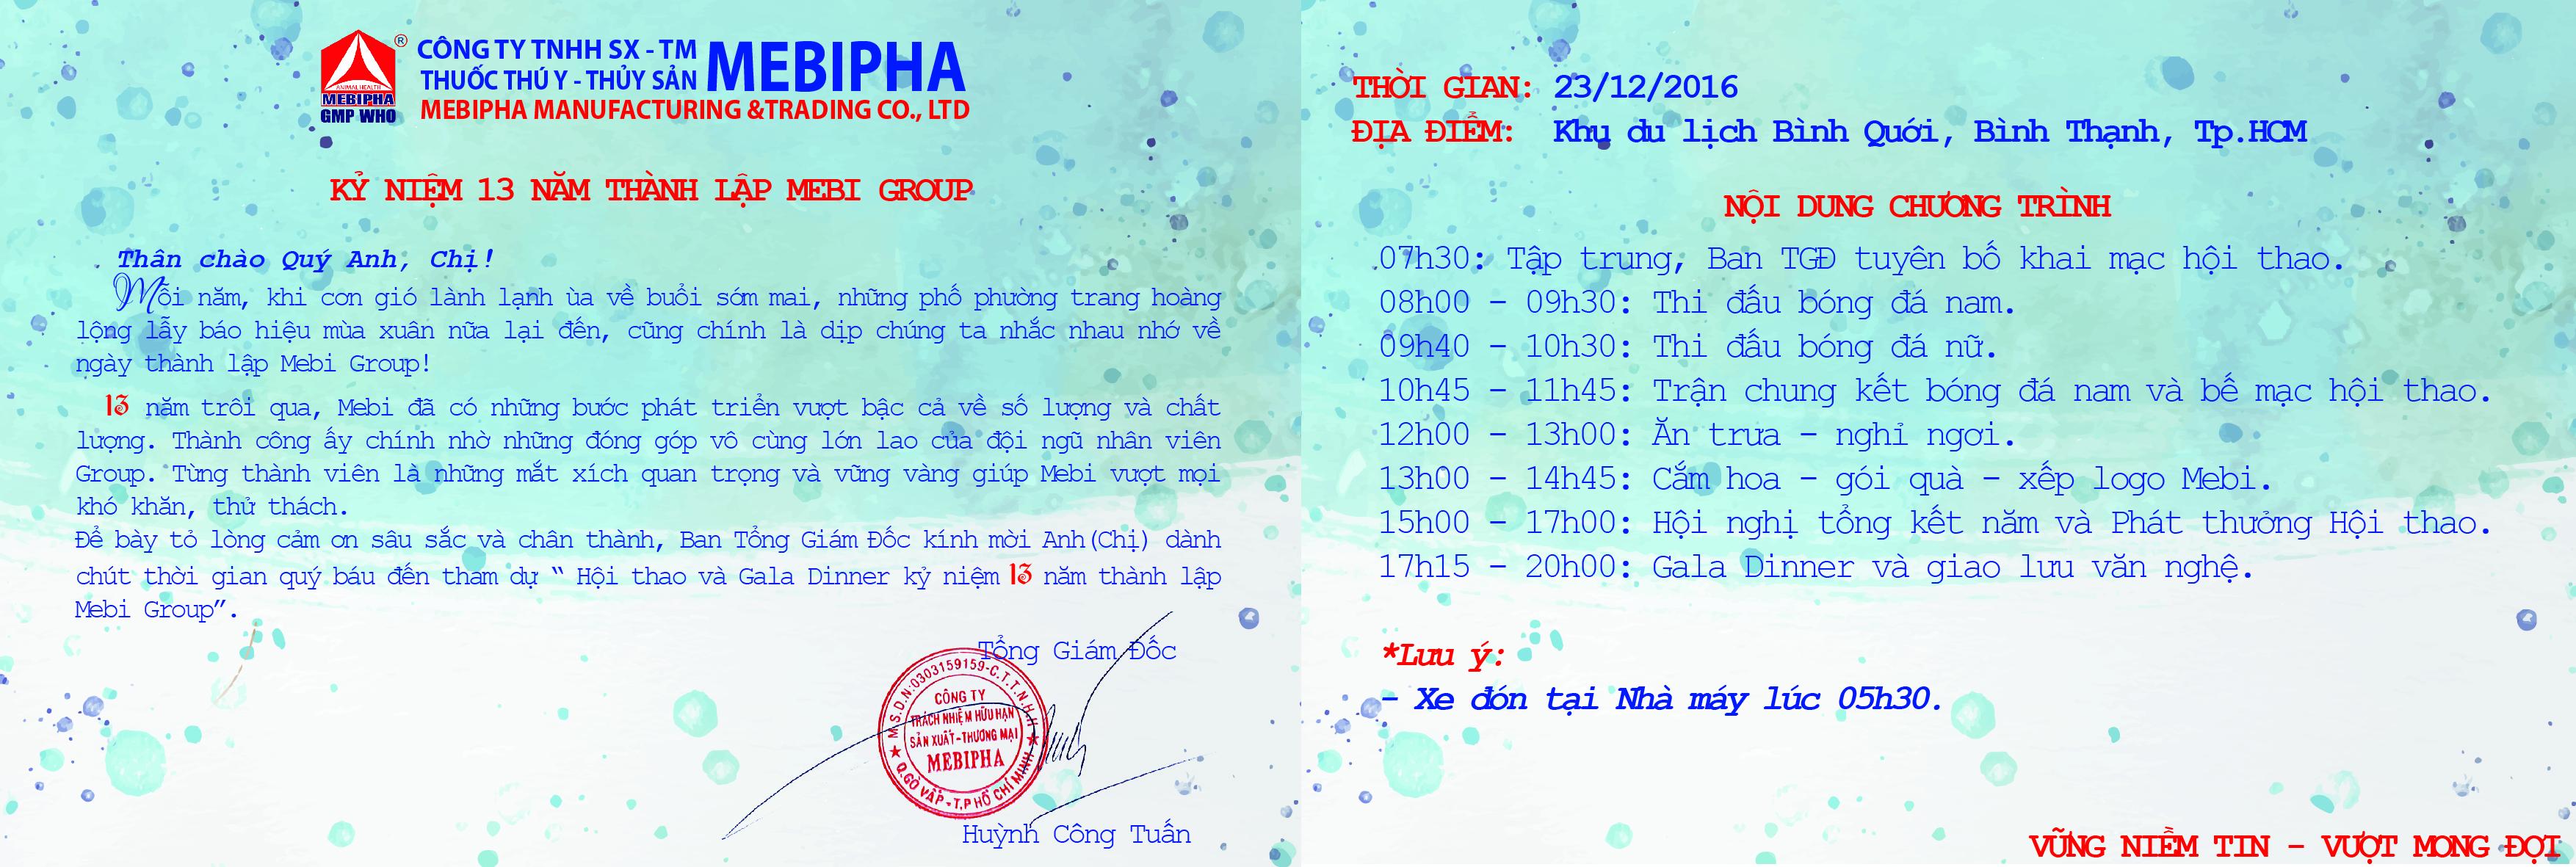 thiep-gui-mail-01